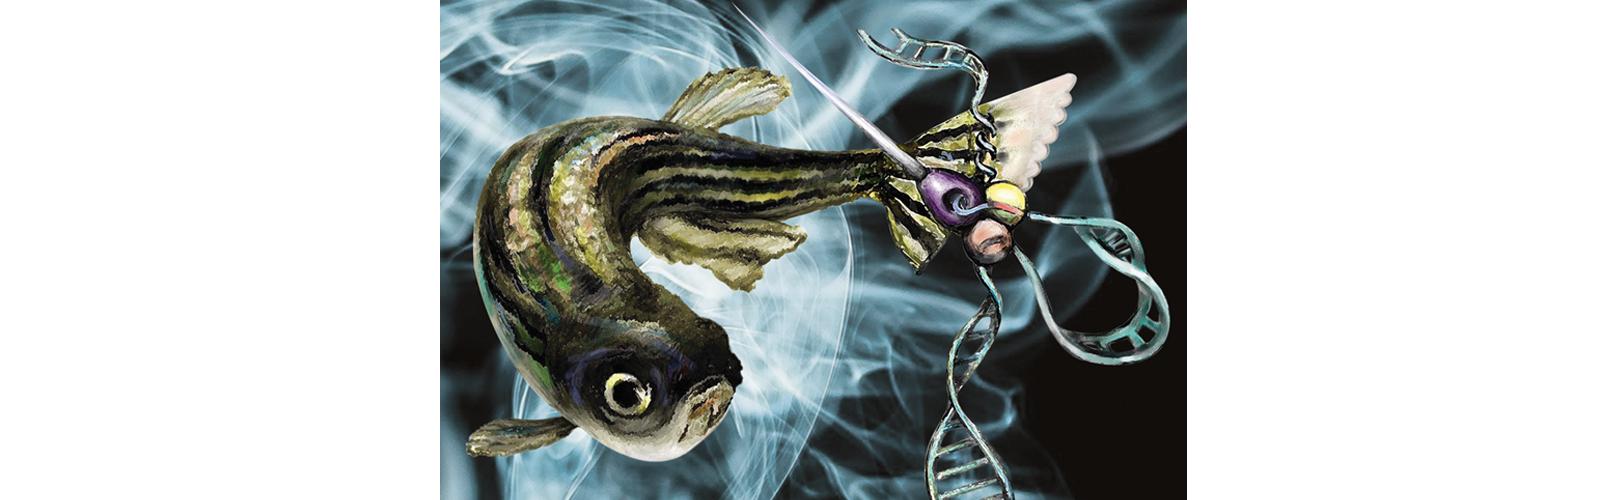 Stylized zebrafish